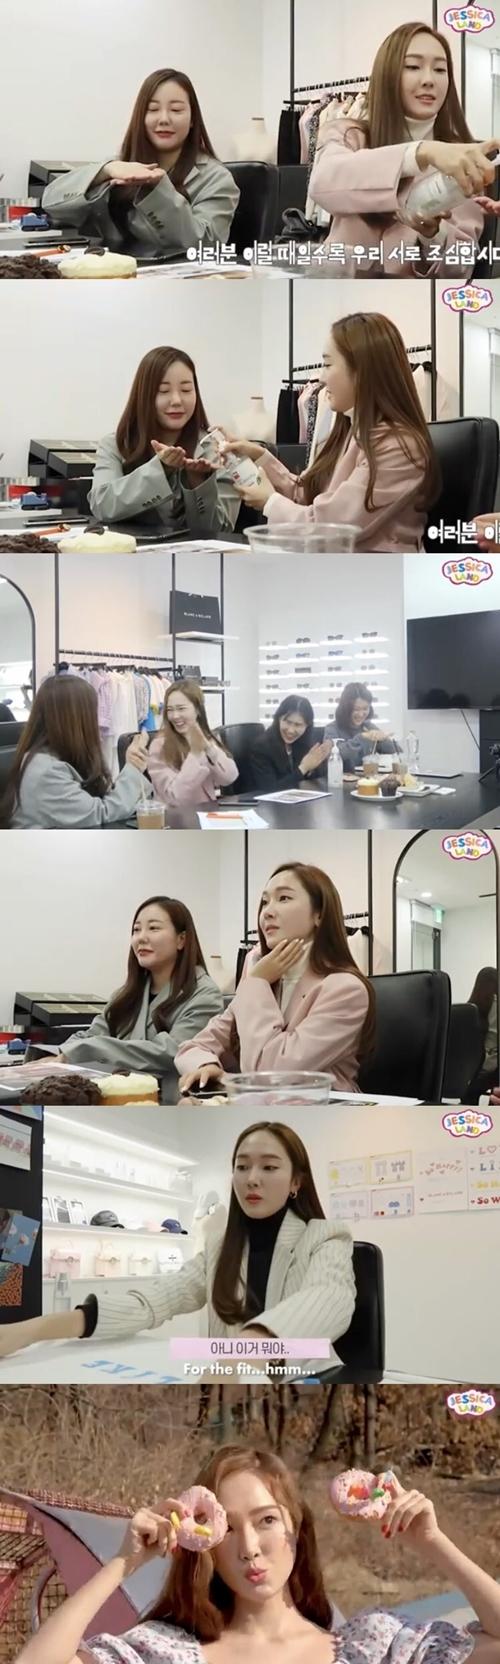 原少女时代郑秀妍的近况! 作为时尚总监的活跃程度如何?